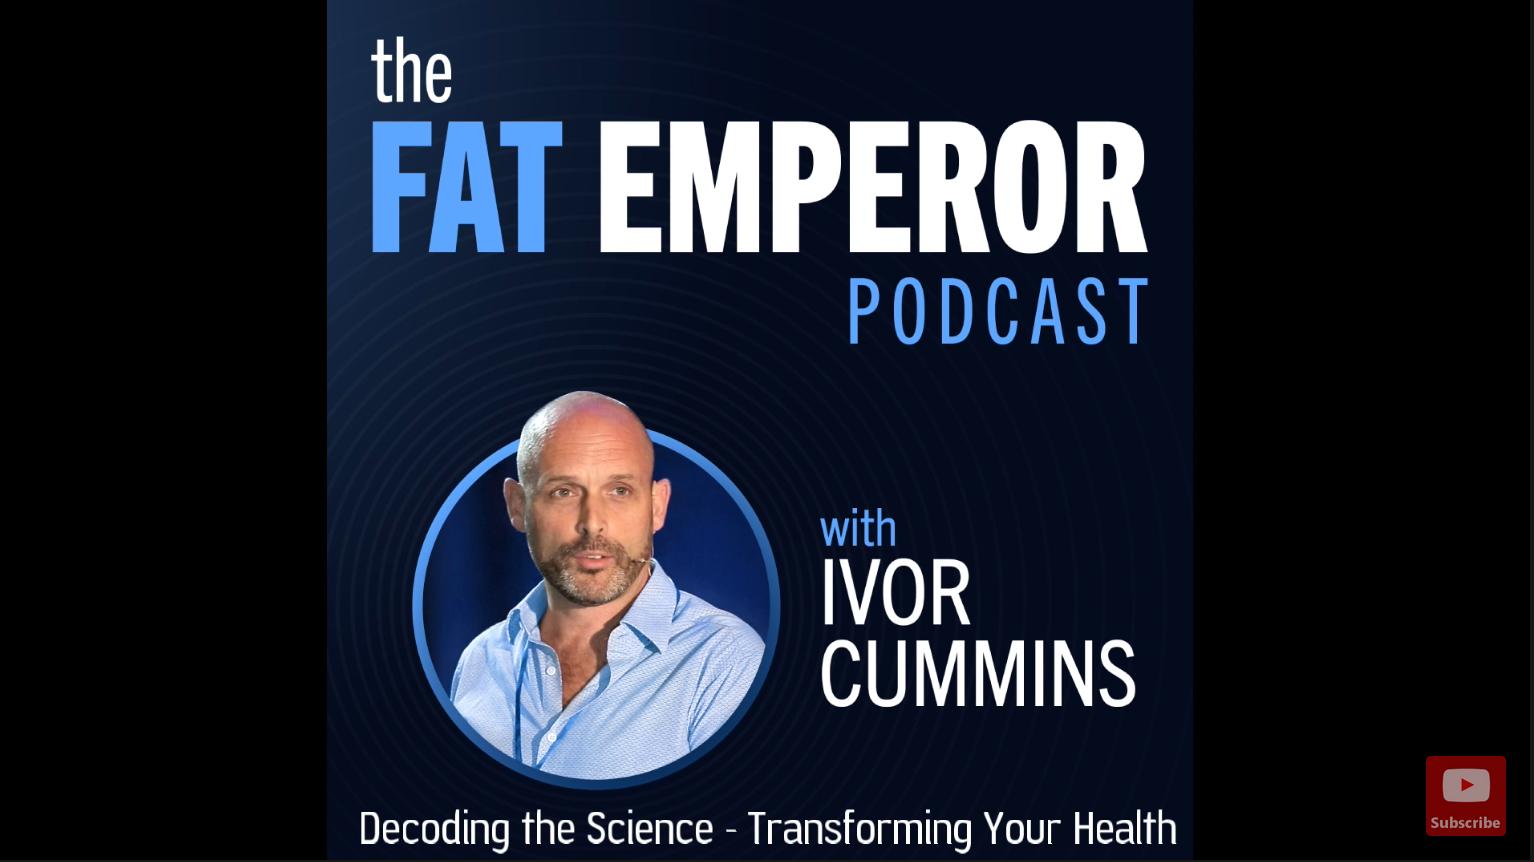 The Fat Emperor